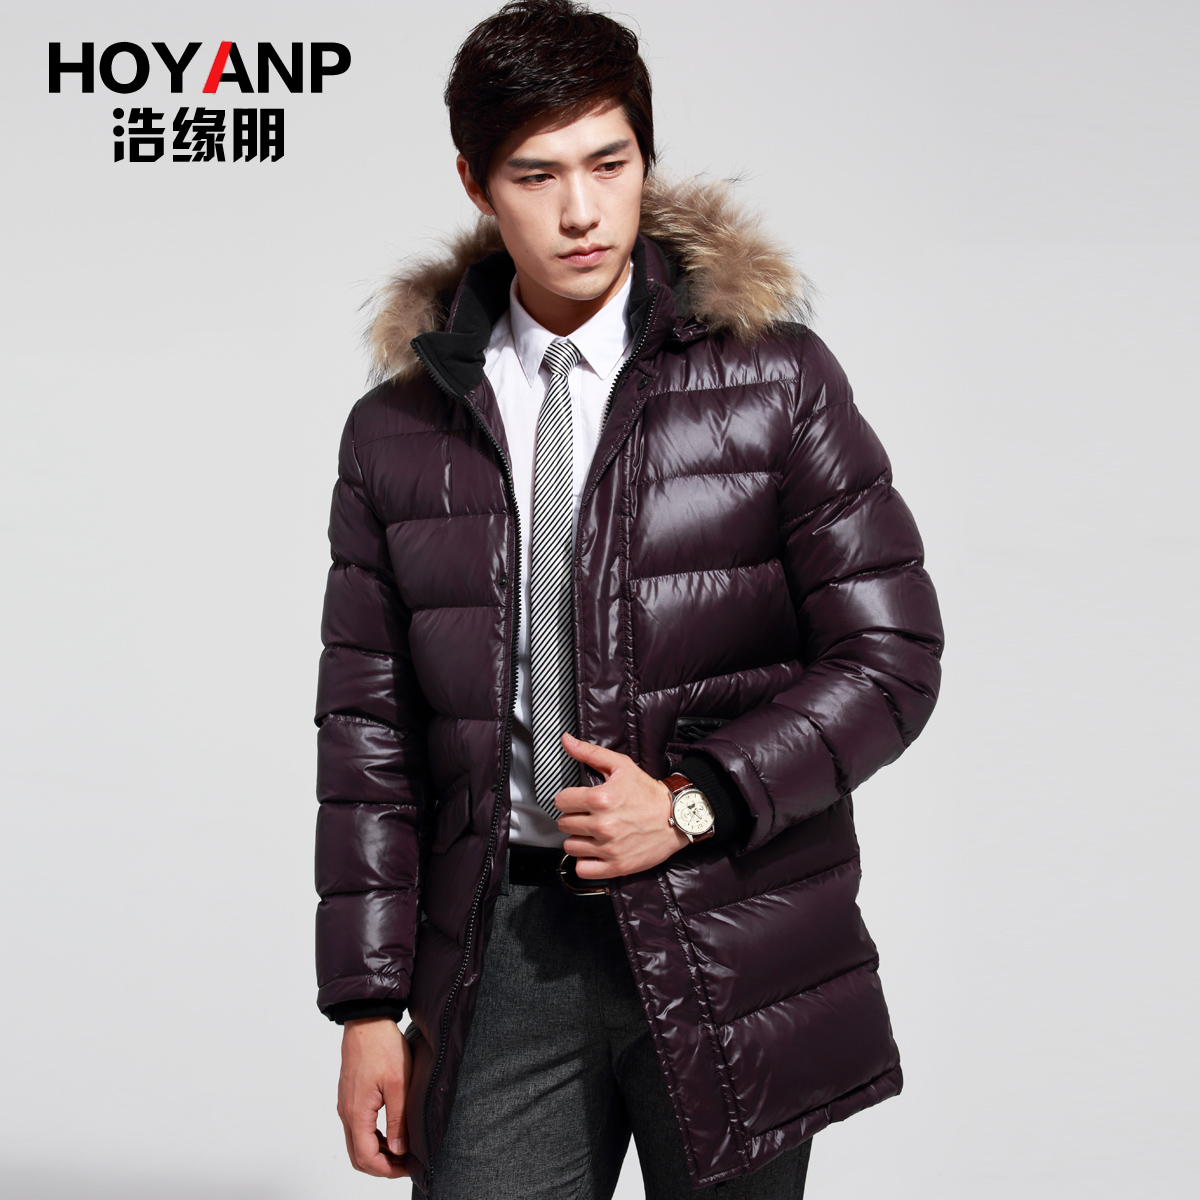 Хао маржа четырех точек к 2015 году новых мужчин давно вниз куртка зимняя досуга для молодежи подлинные Специальные утолщенные меховым воротником